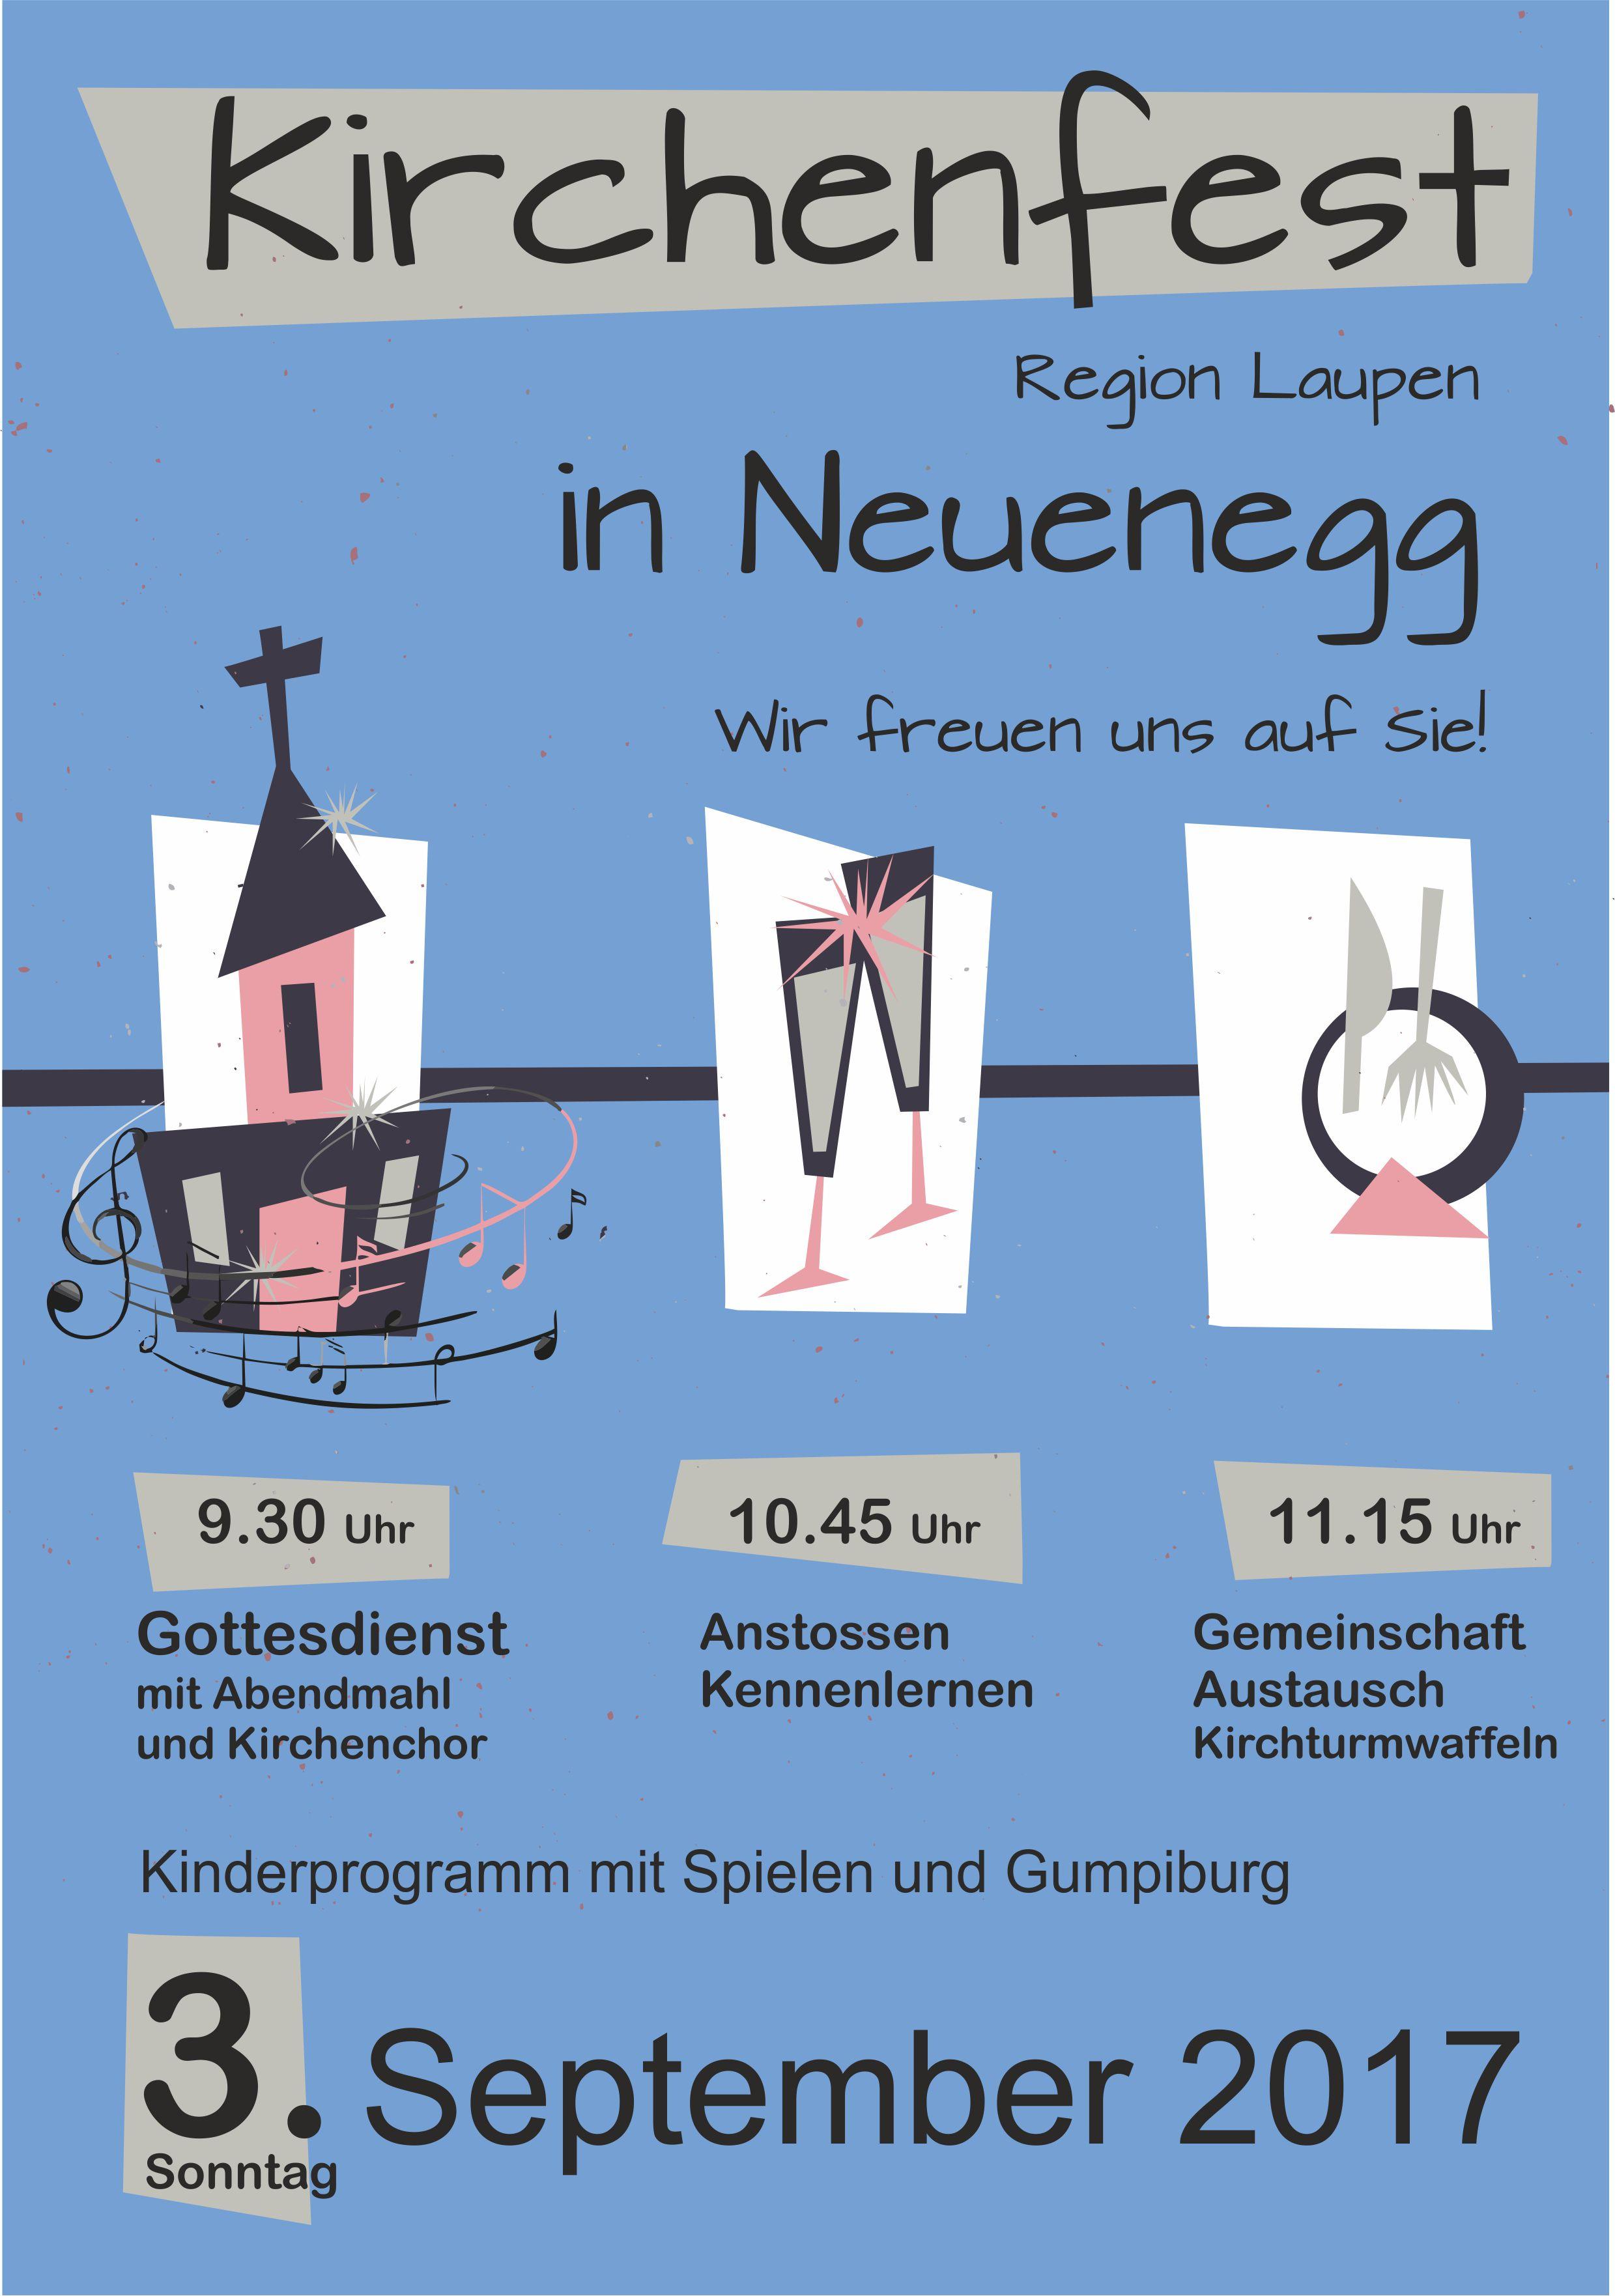 Babysitterin in Neuenegg gesucht? mxmbers.com hilft Ihnen